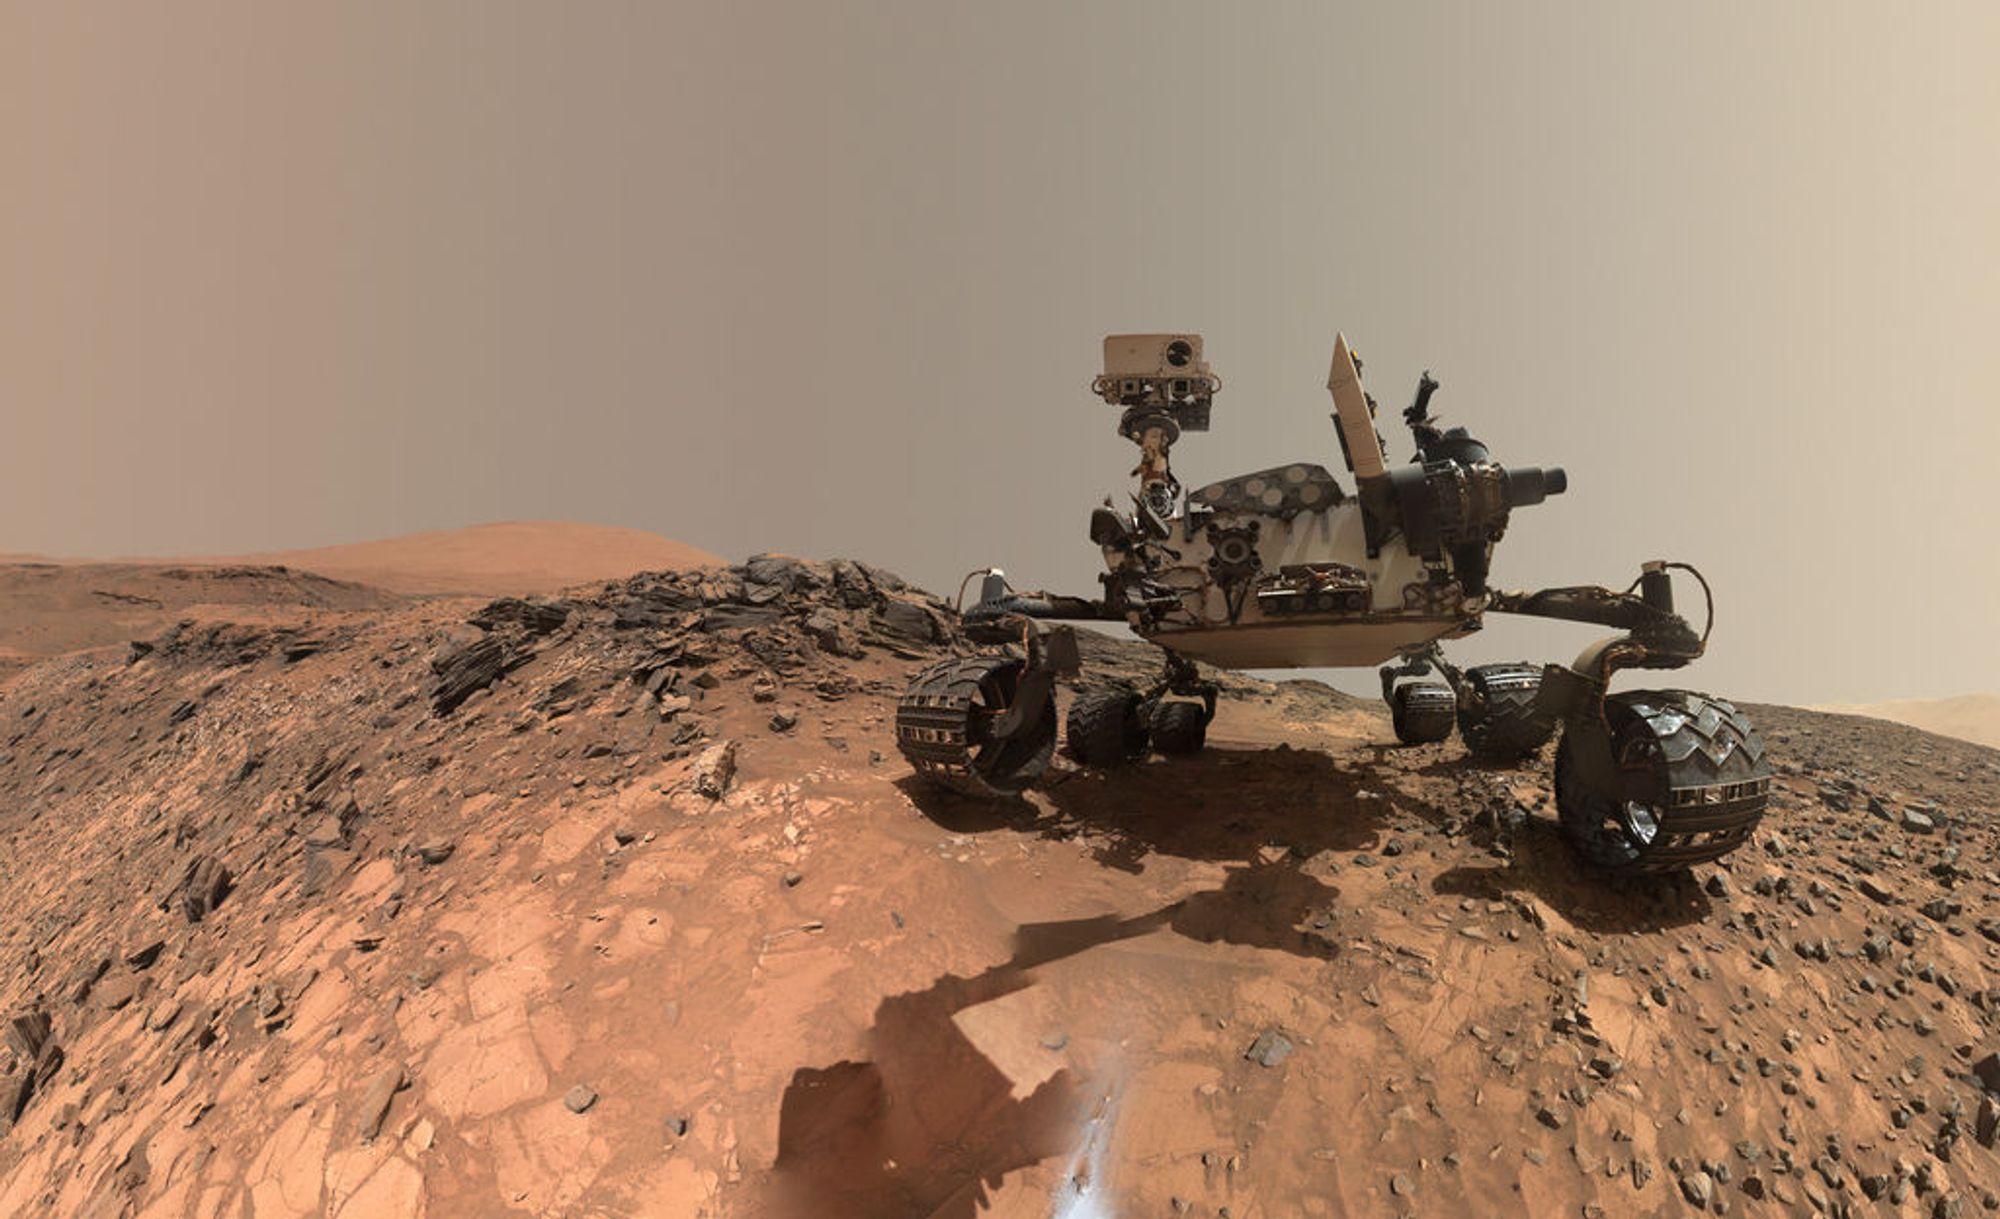 Fotografen: Mars-roveren Curiosity har tatt bildene som dekker 360 grader. Her tar den også en selfie.